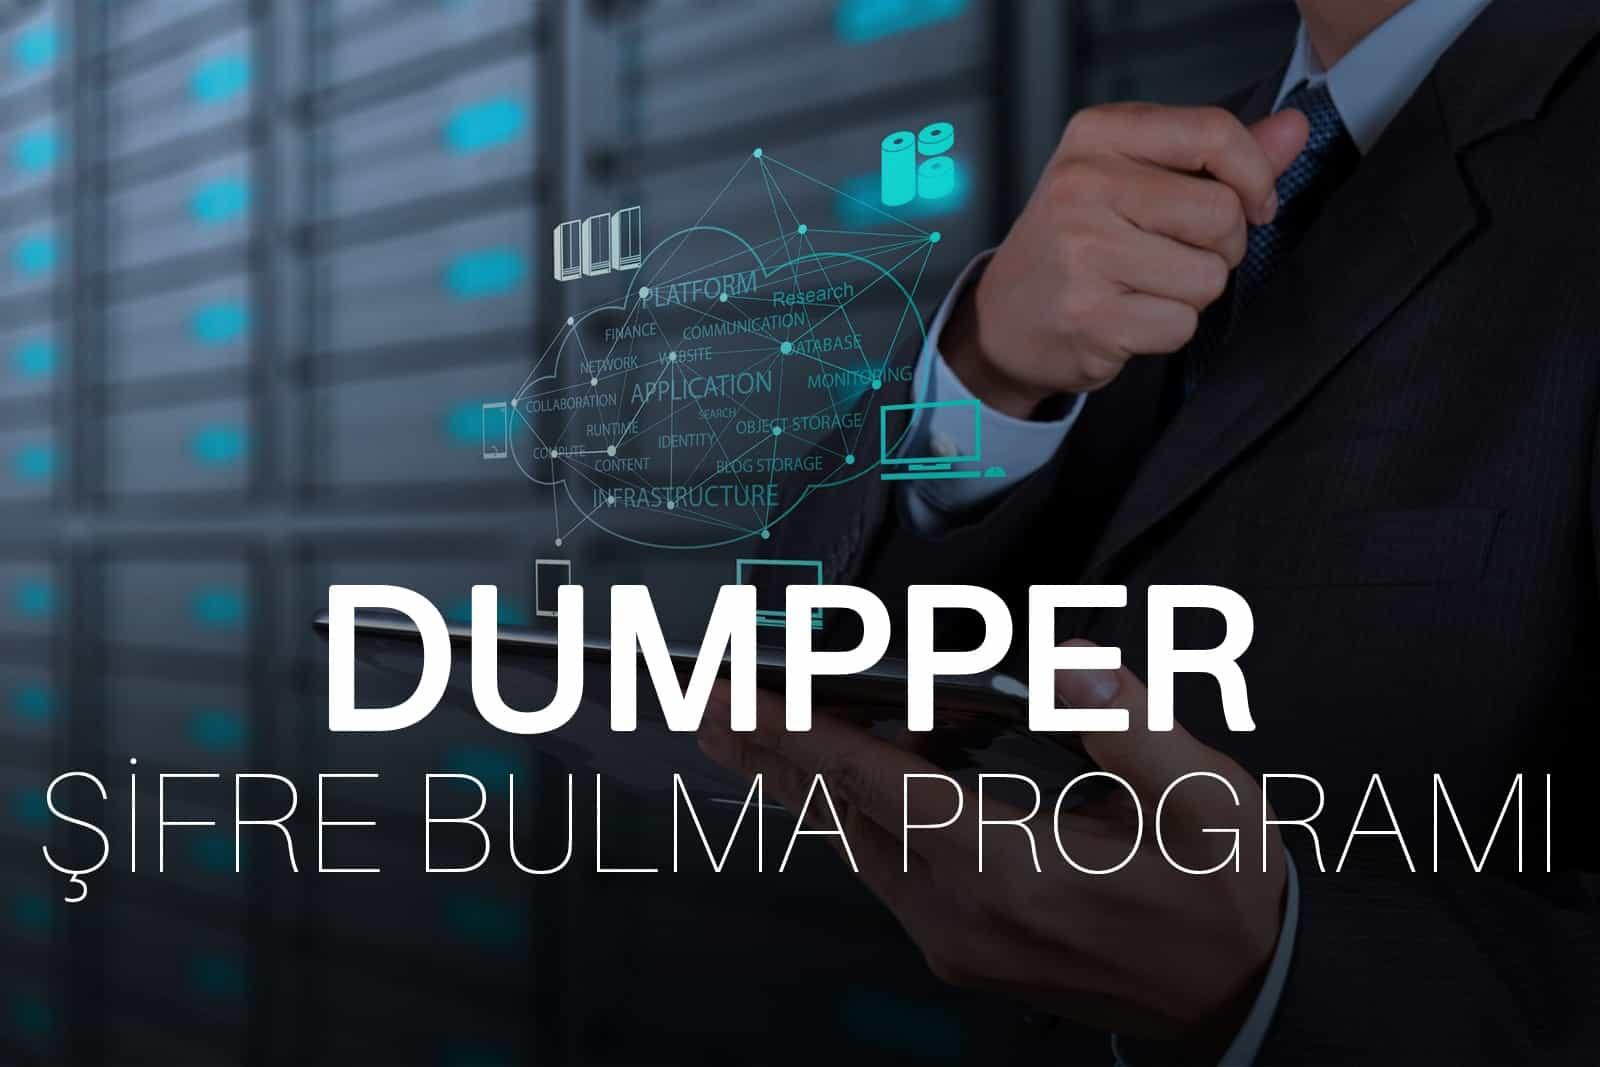 Dumpper